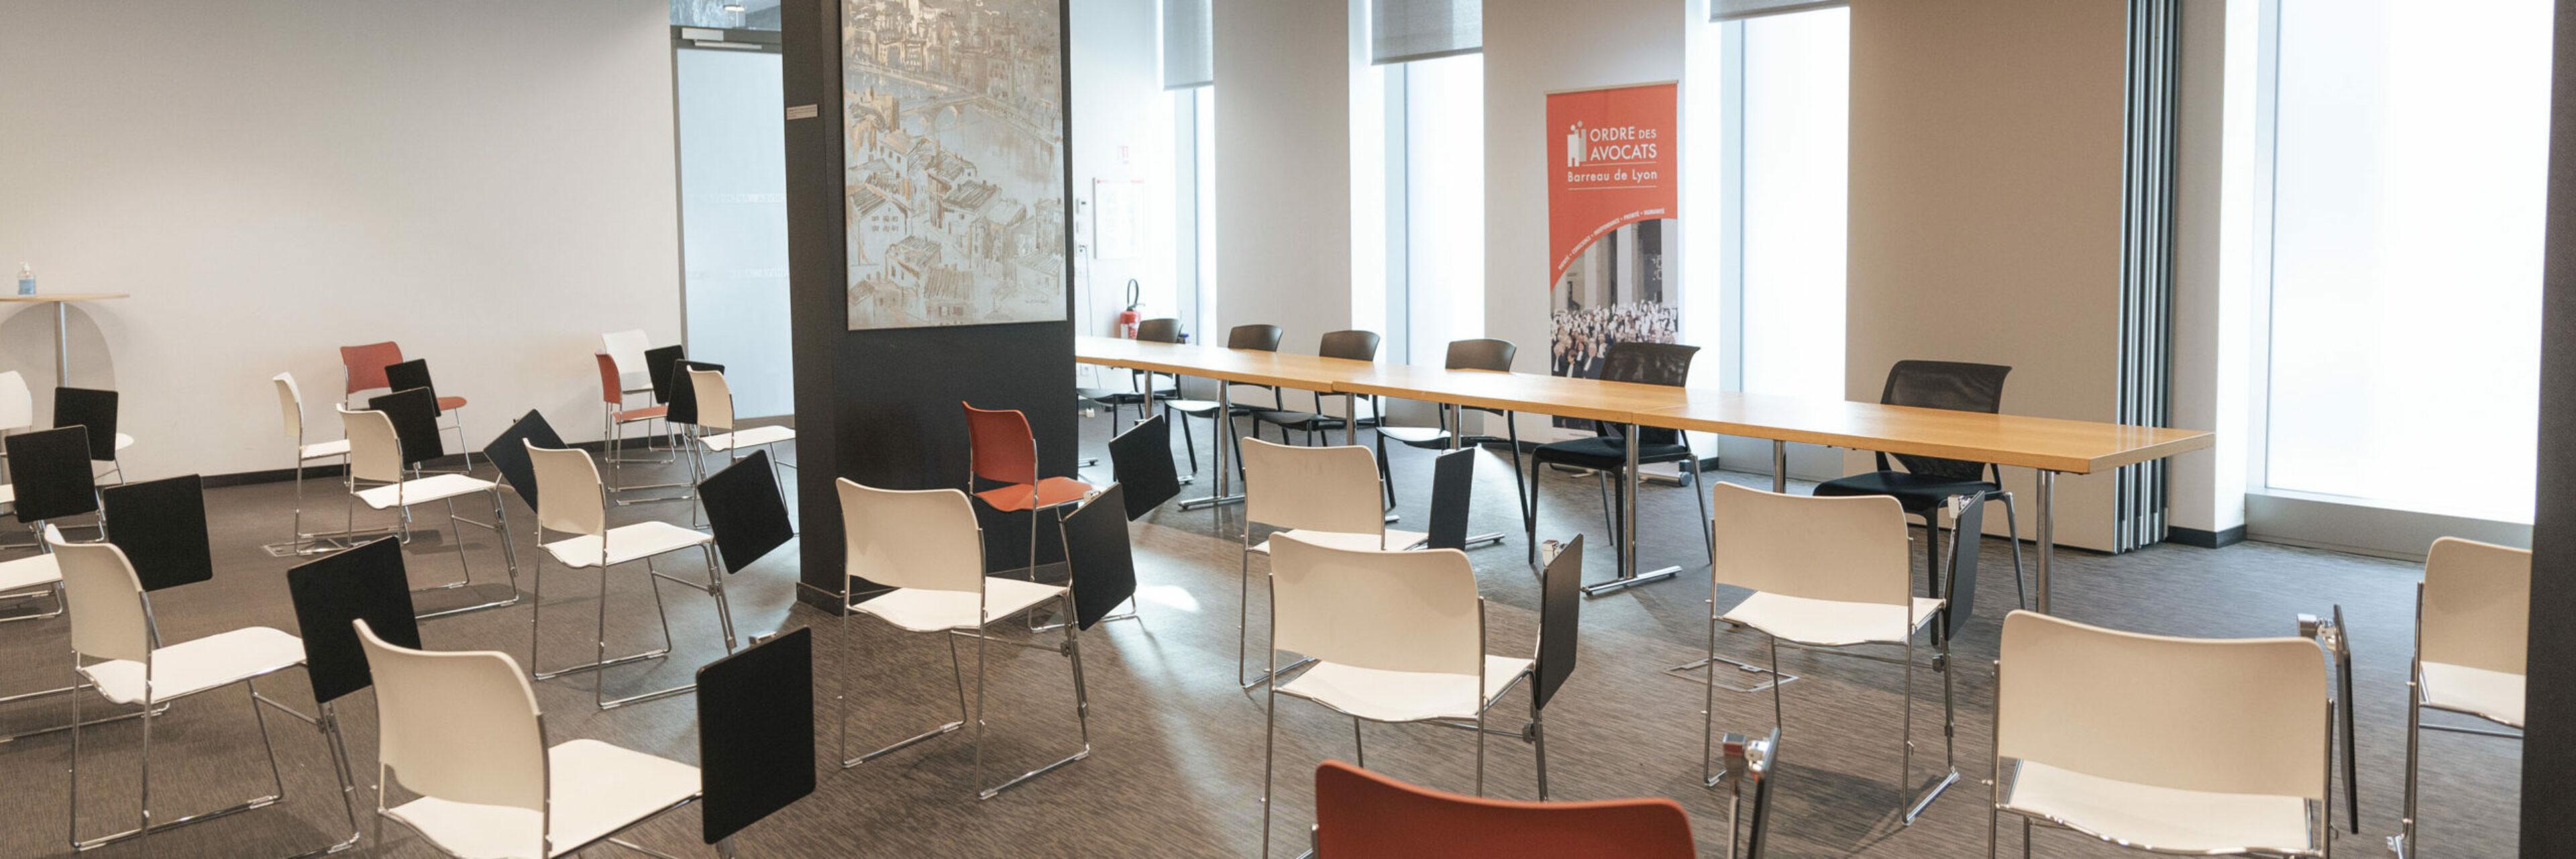 Salle de conférence de la Maison des Avocats Lyon